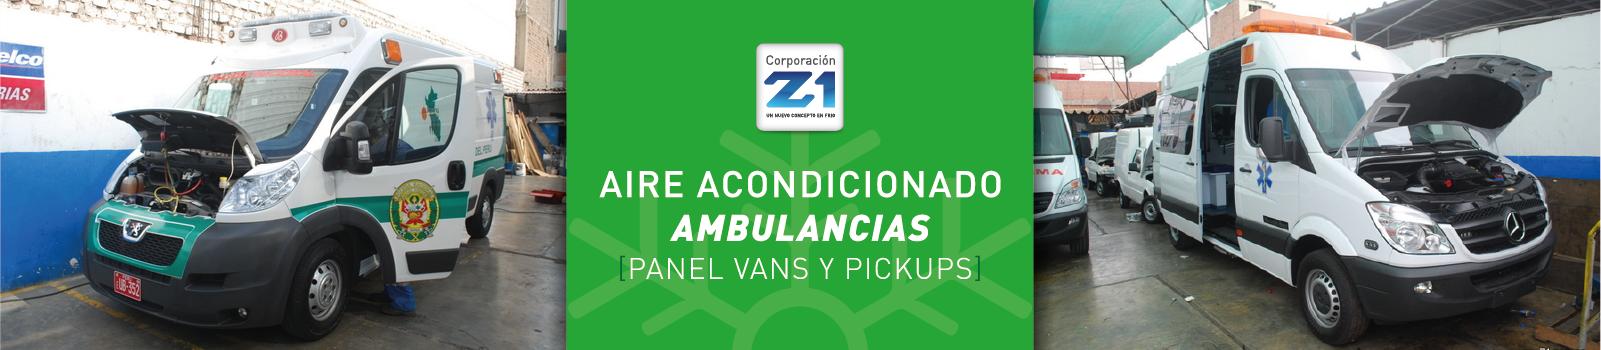 Aire Acondicionado para Ambulancias